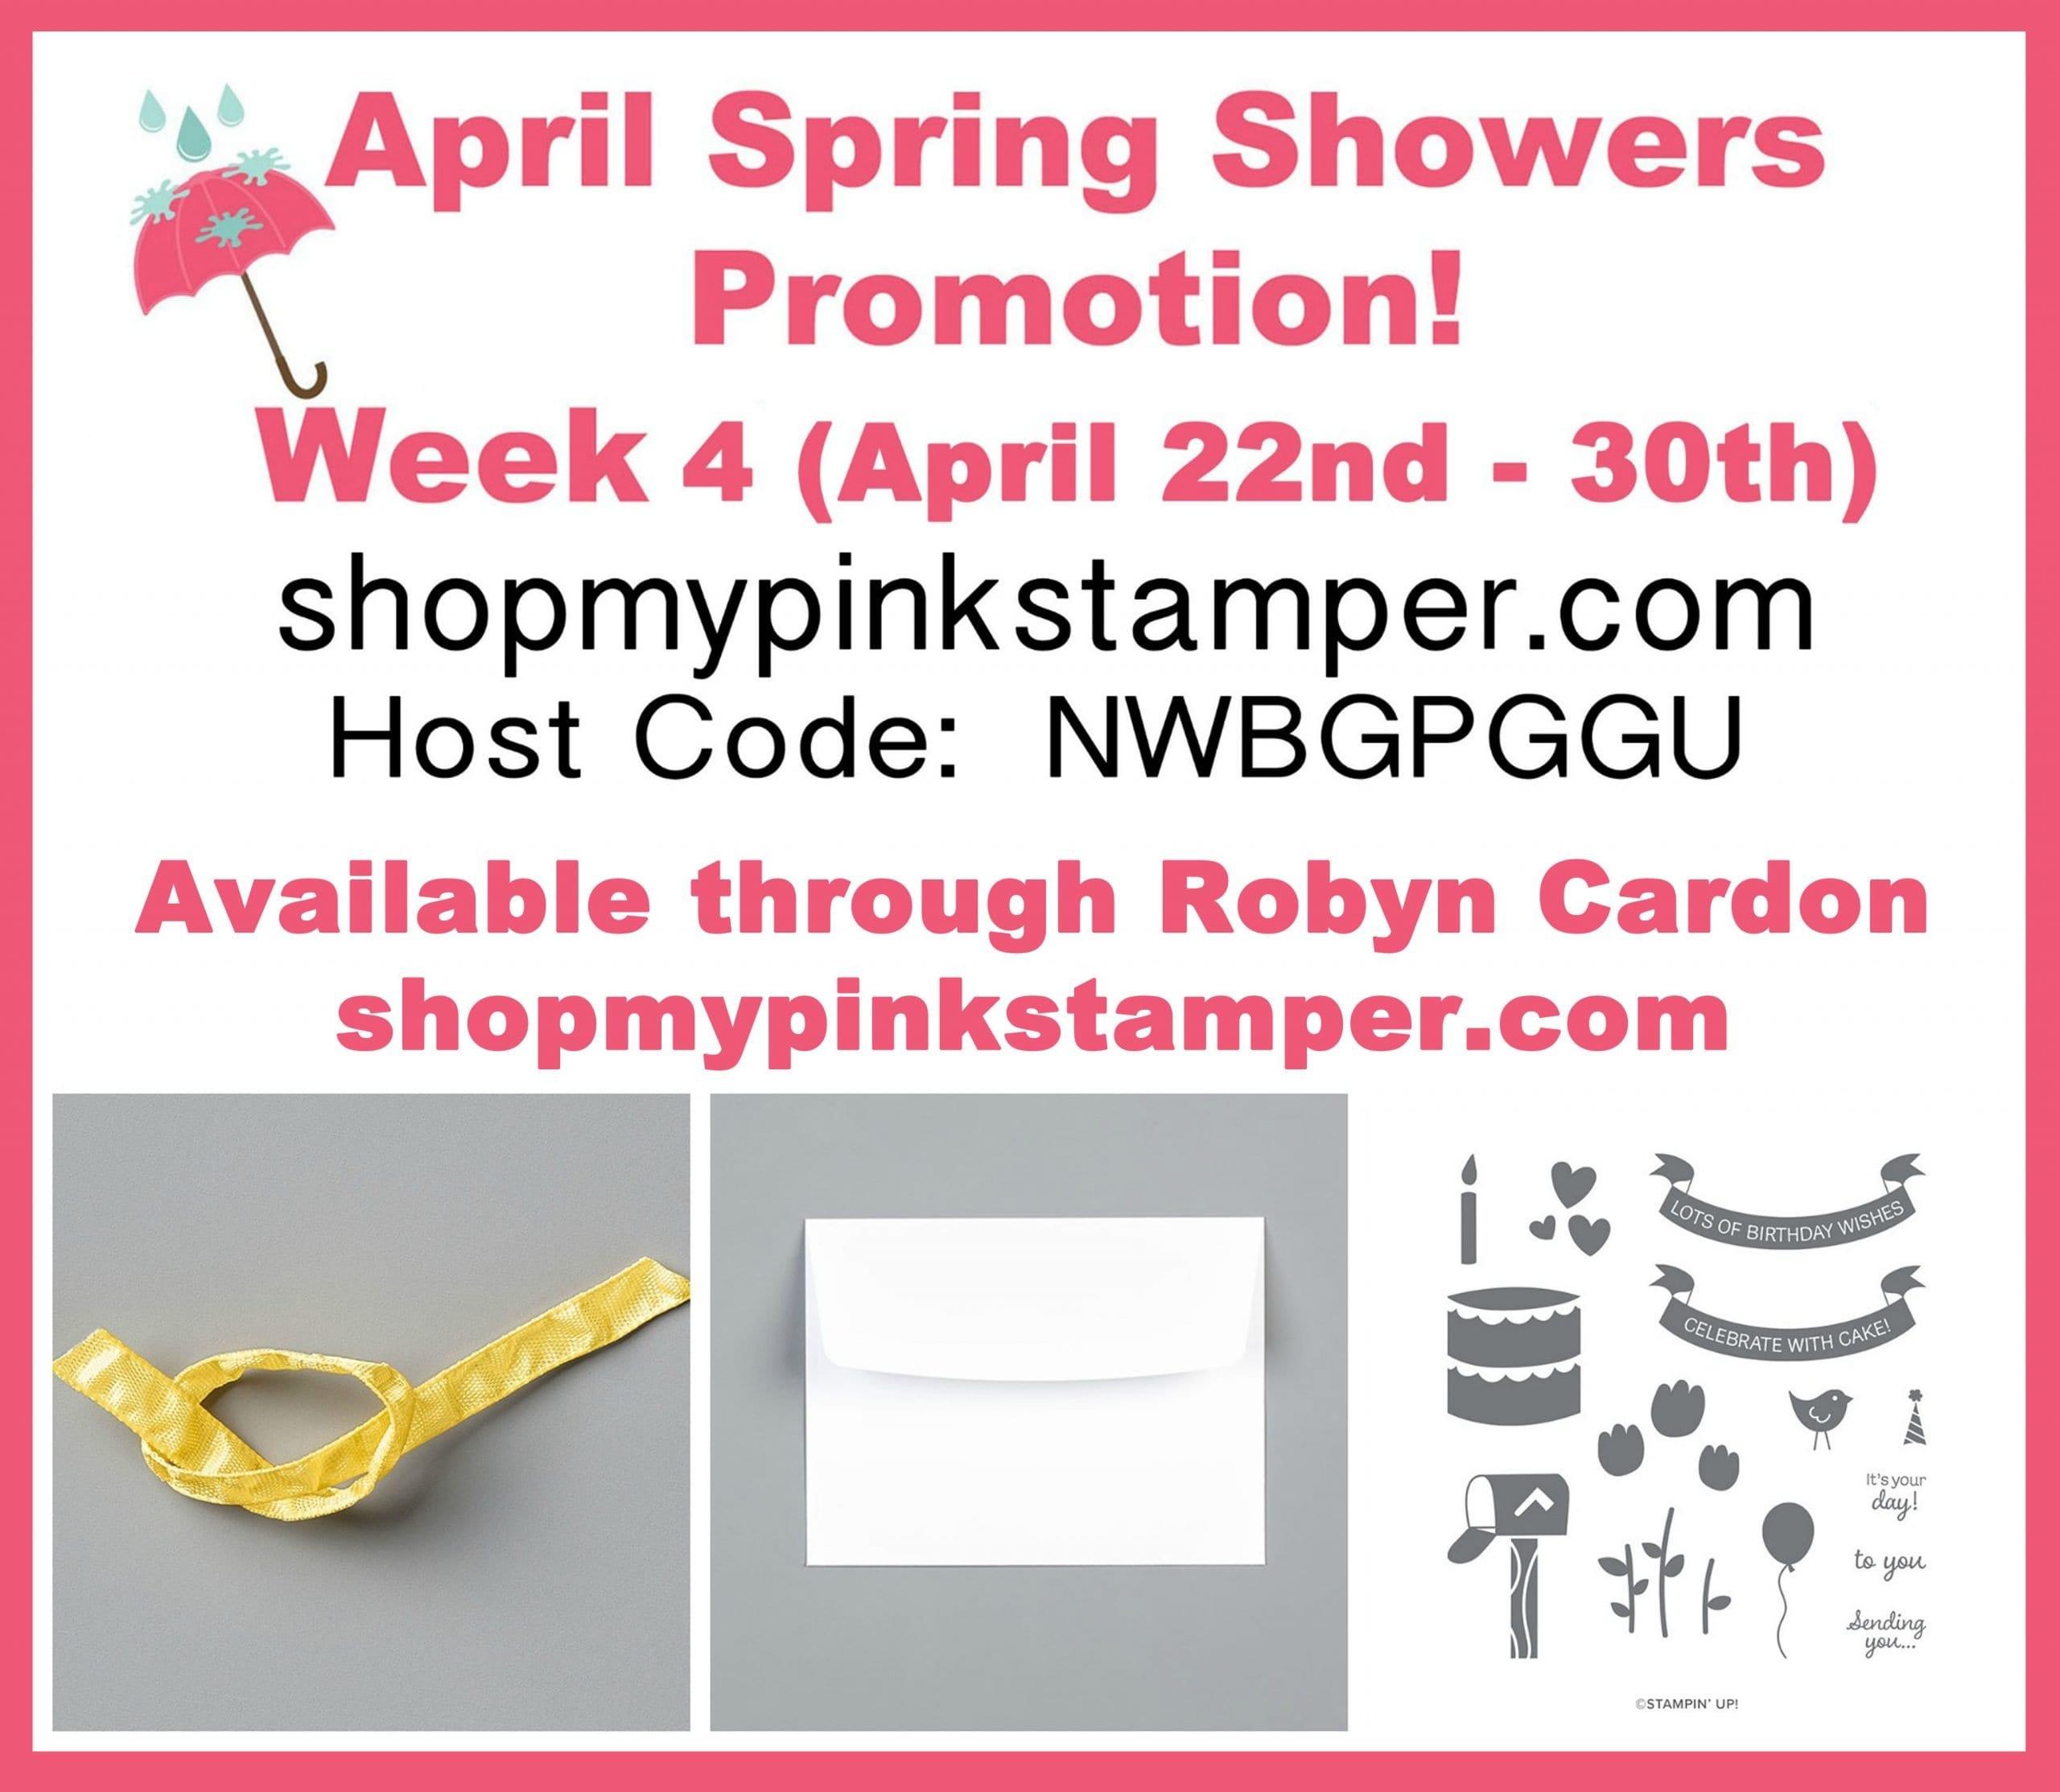 Week 4 – April Spring Showers Promotion!